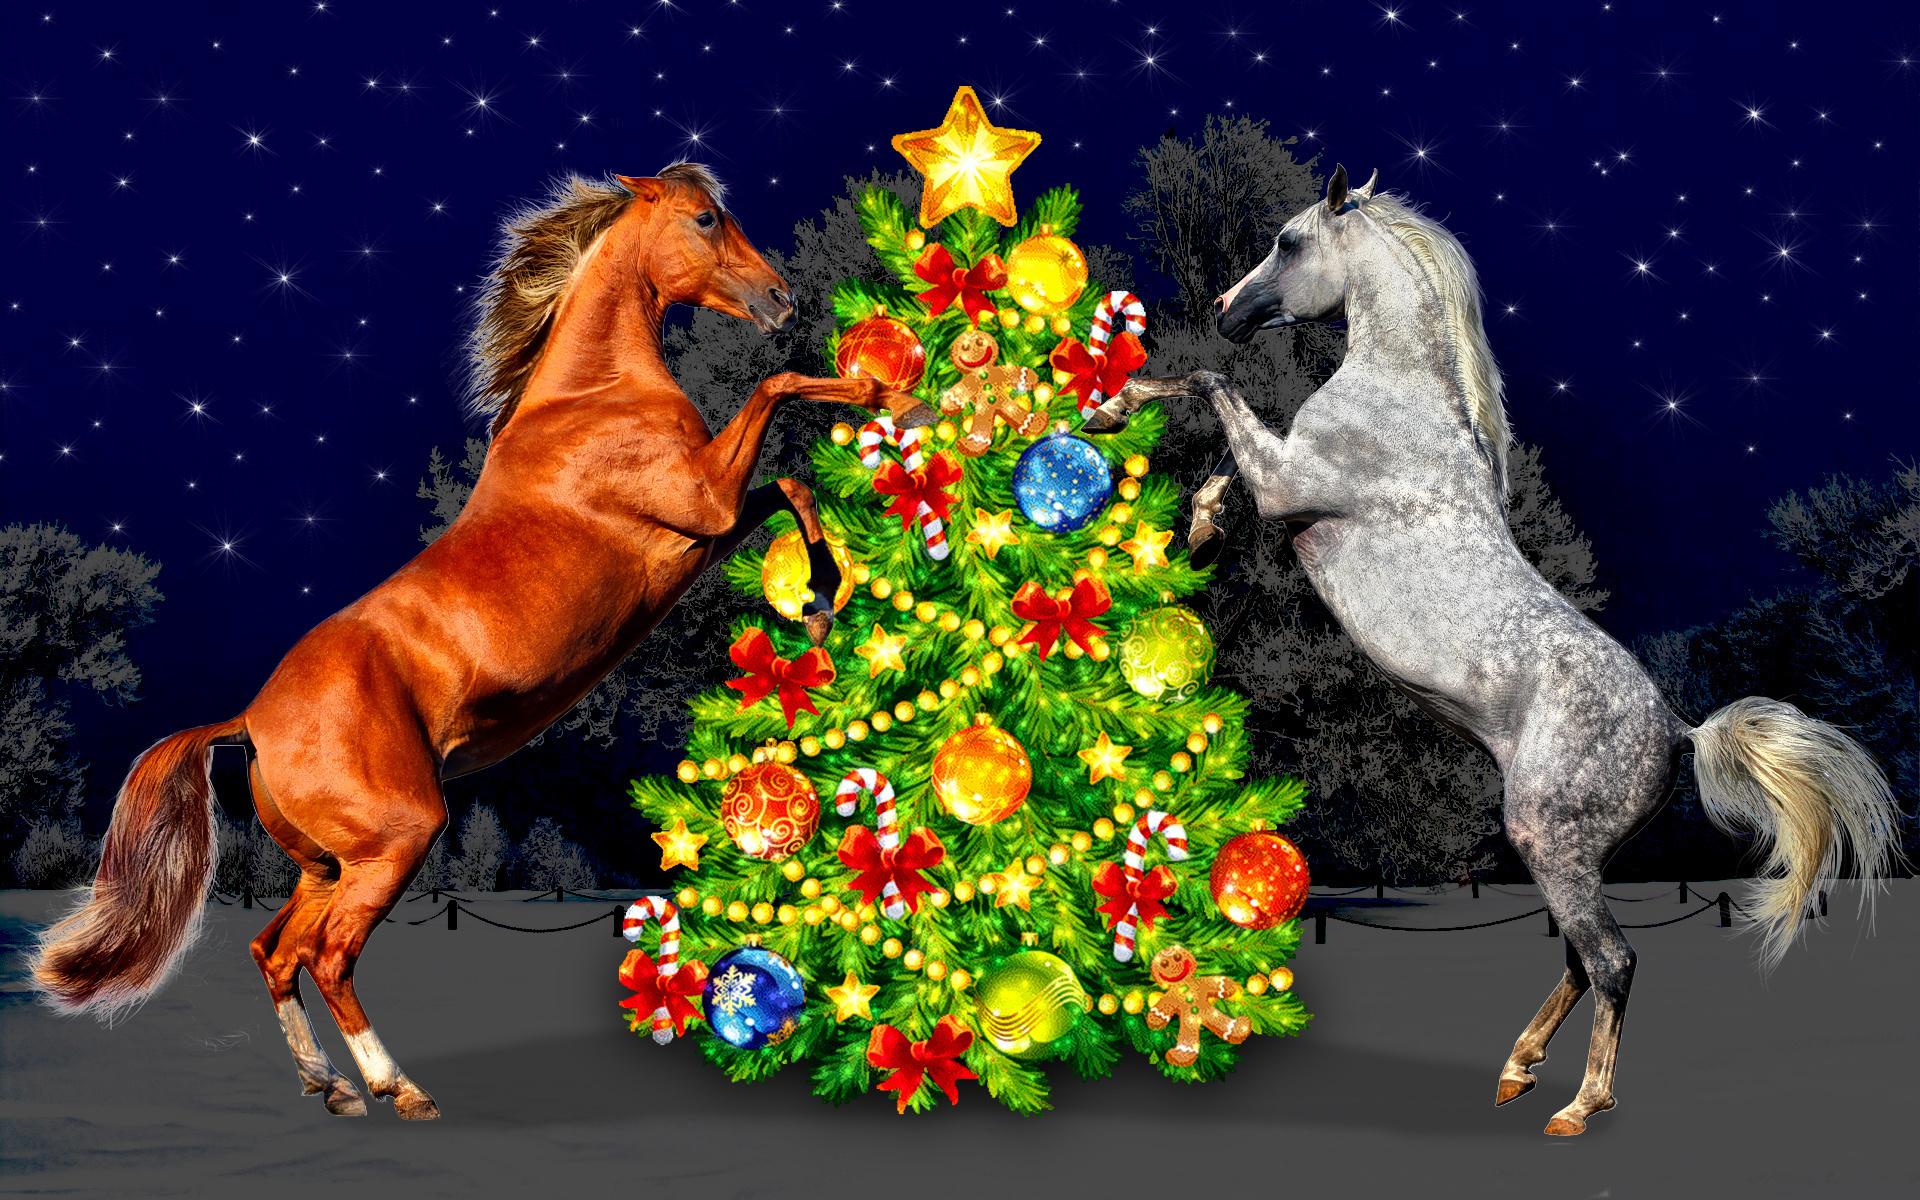 С годом лошади картинки